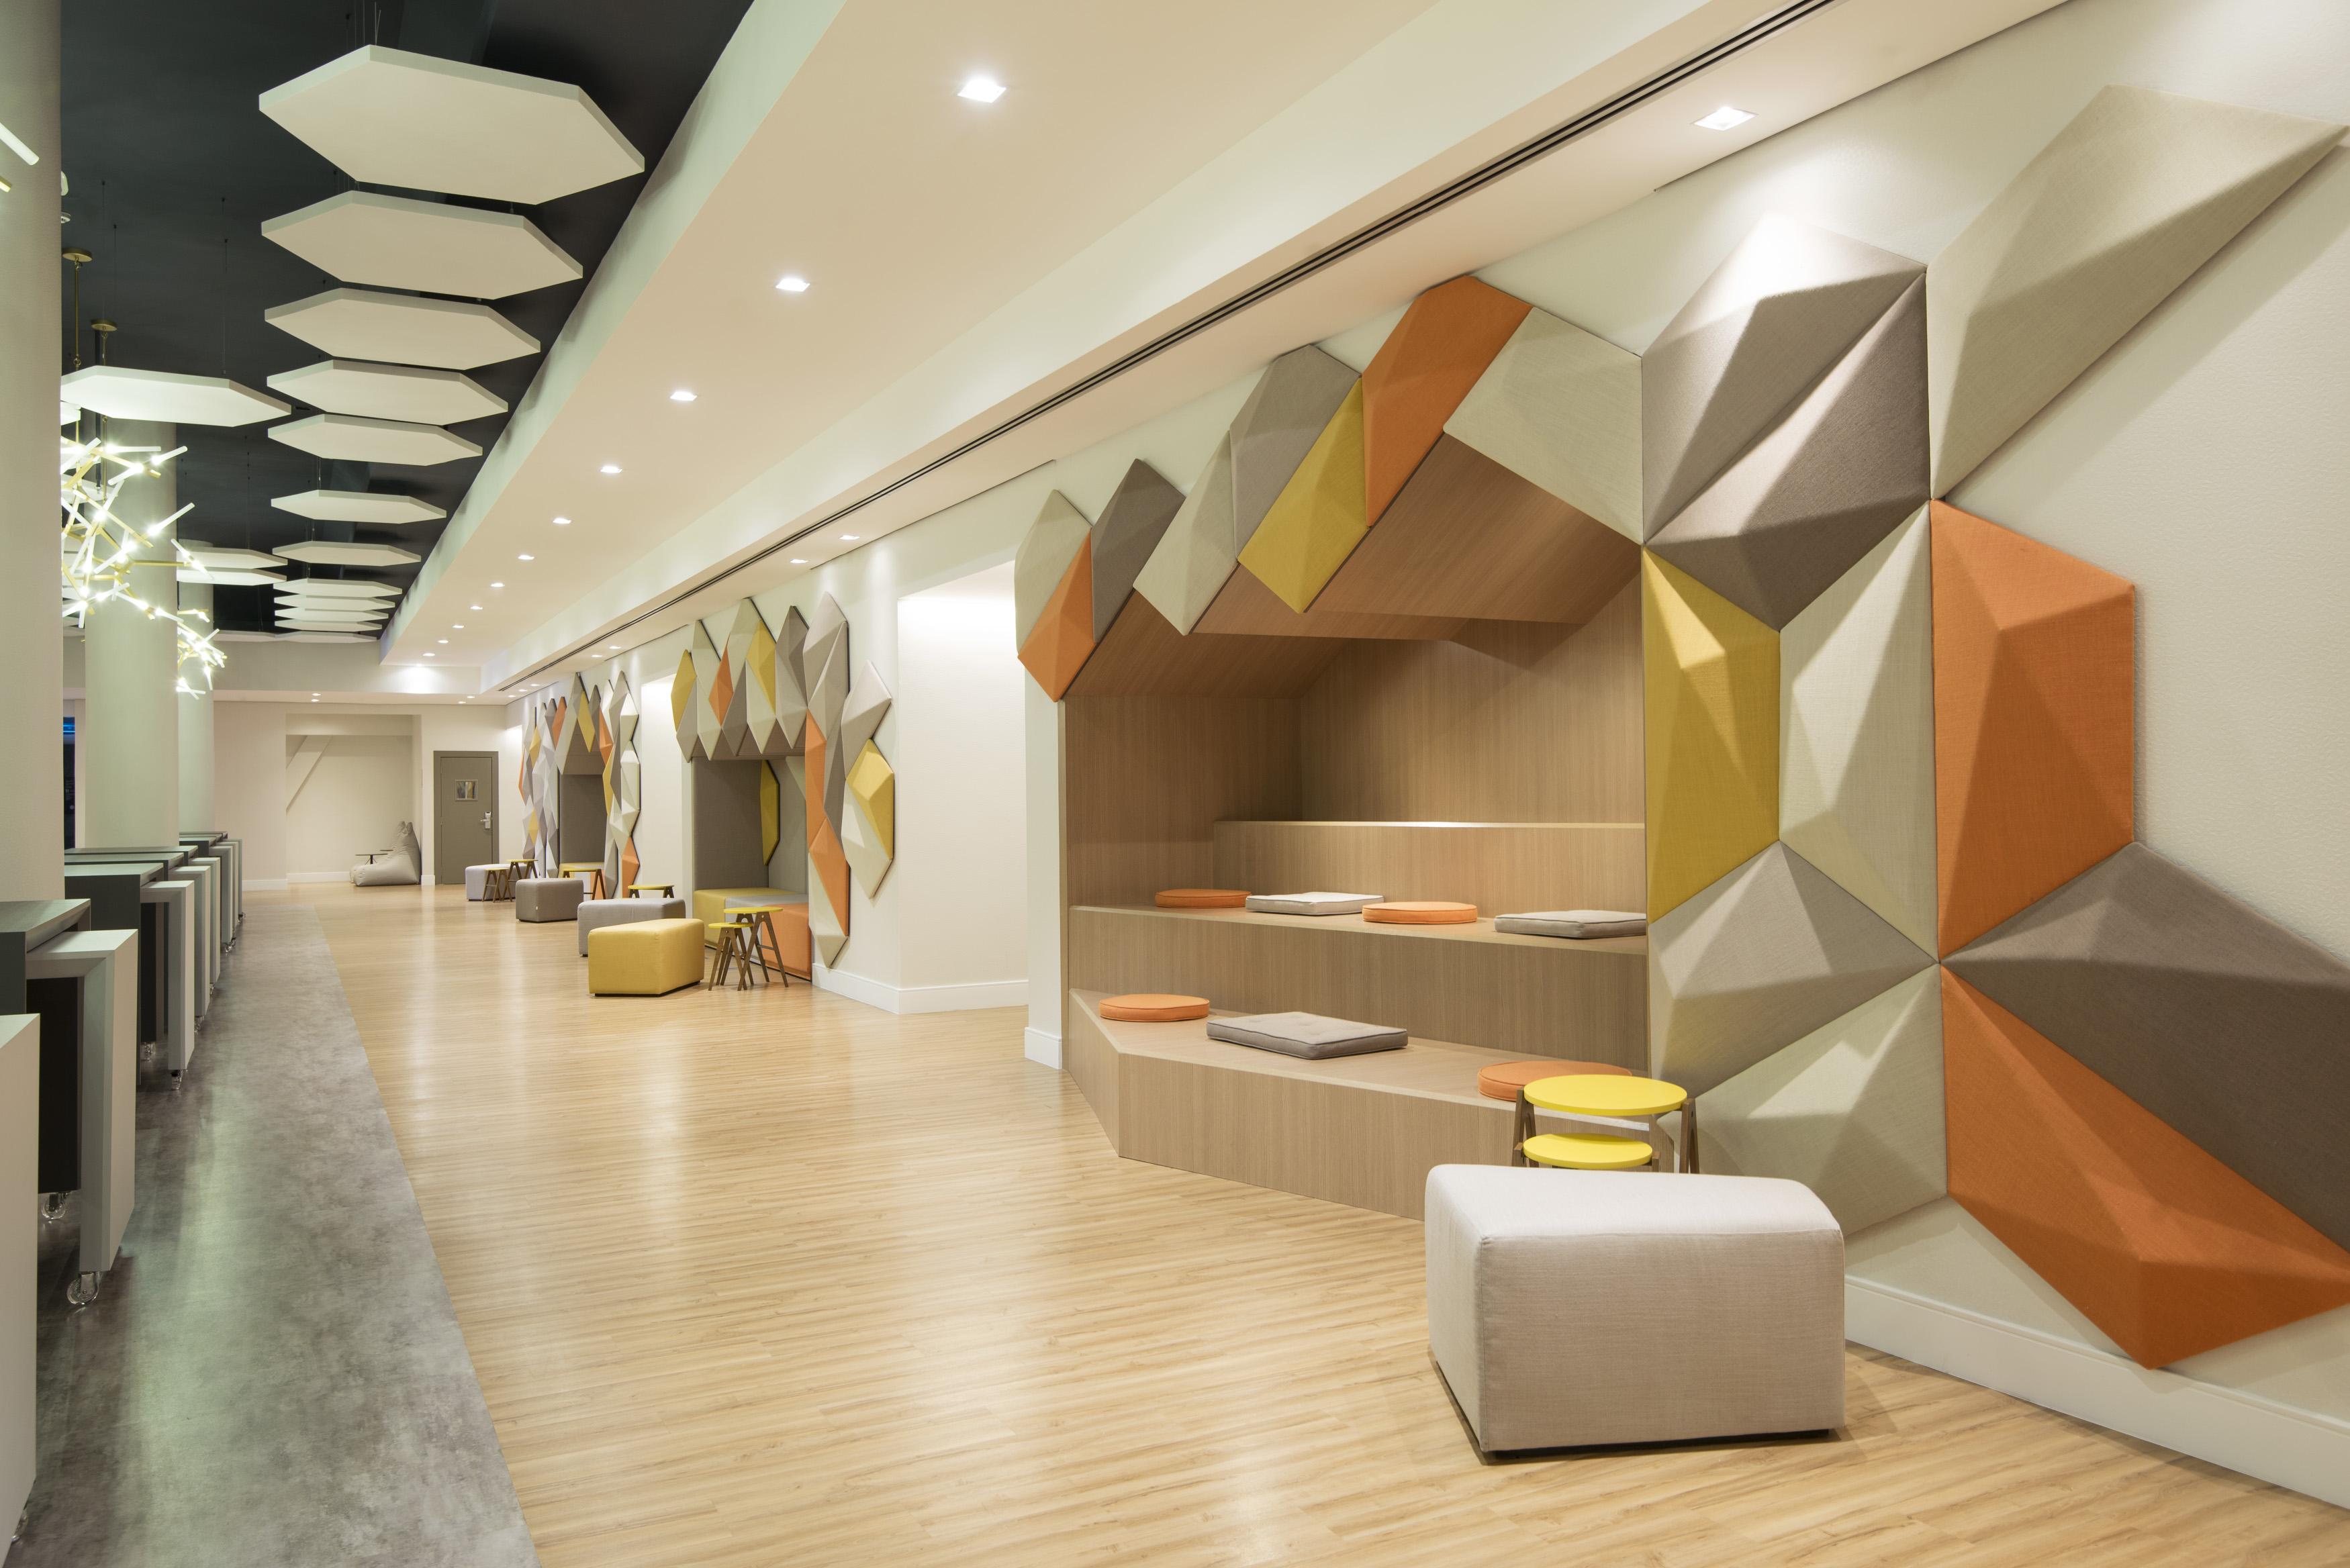 Na foto é possível ver o novo centro de convenções do Pullman São Paulo Guarulhos, nomeado Meet & Play